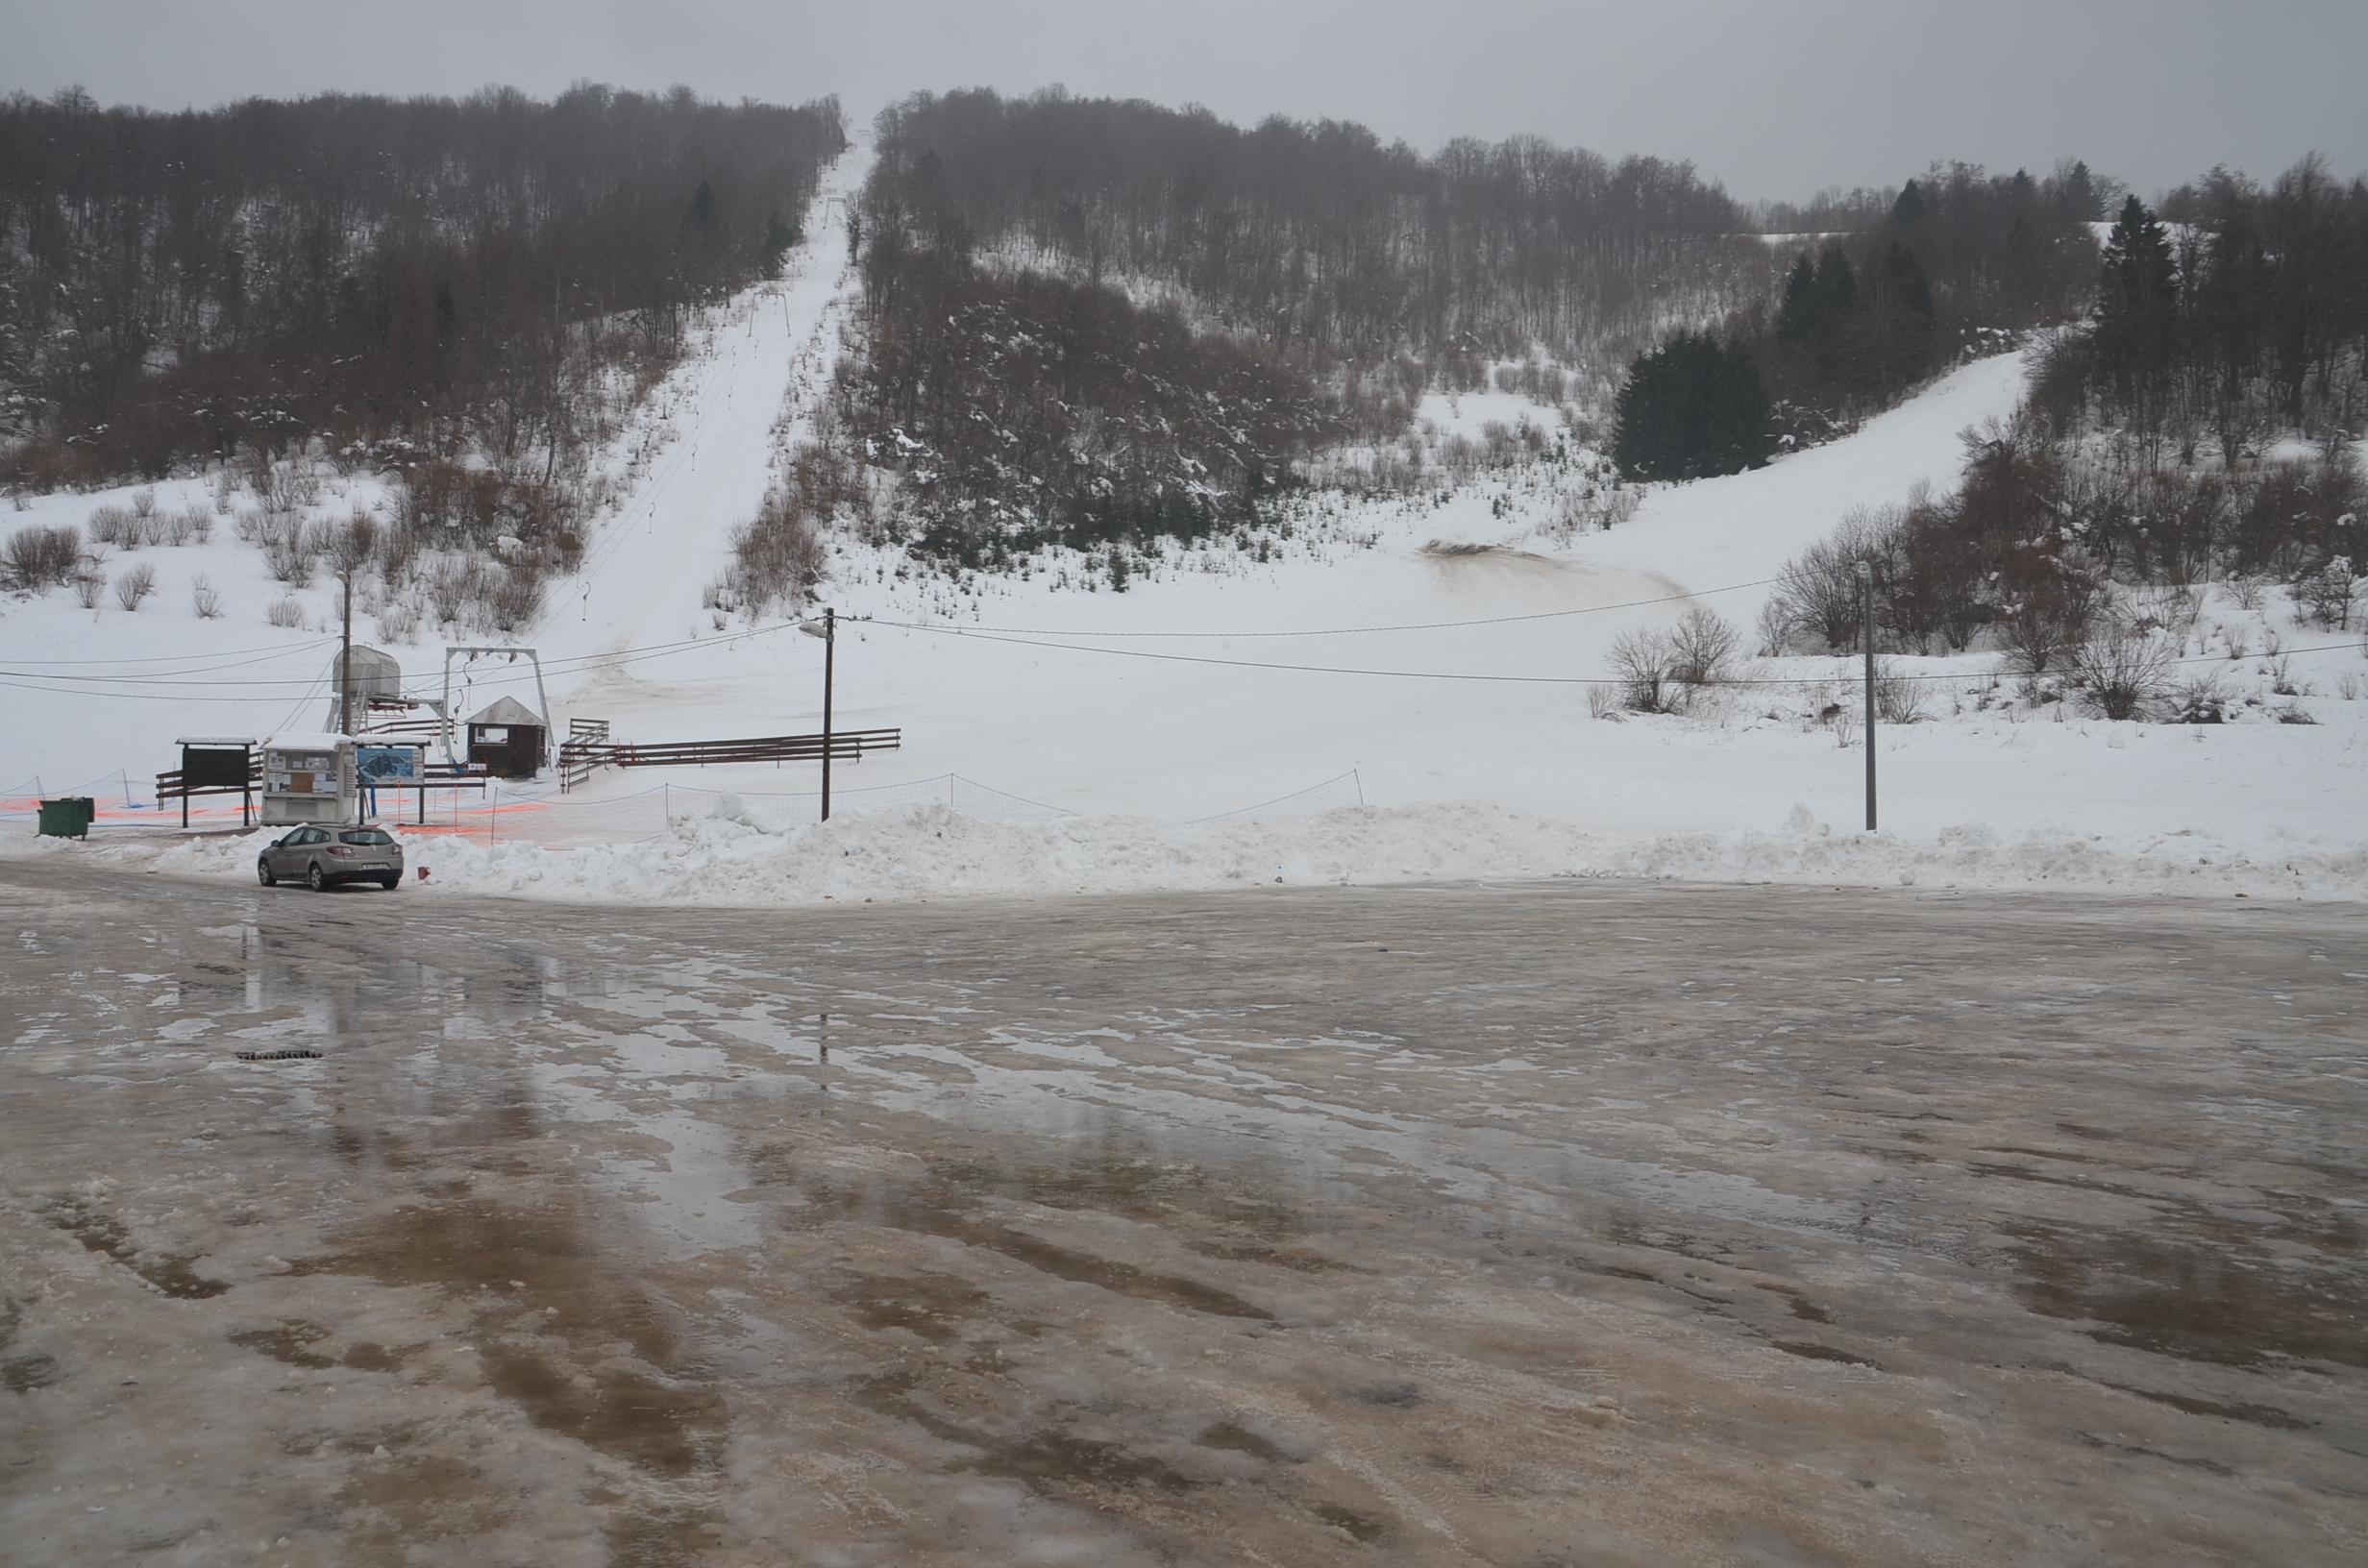 Čelimbaša je jučer doživjela prve jače udare juga i kiše ove zime / Foto M. KRMPOTIĆ